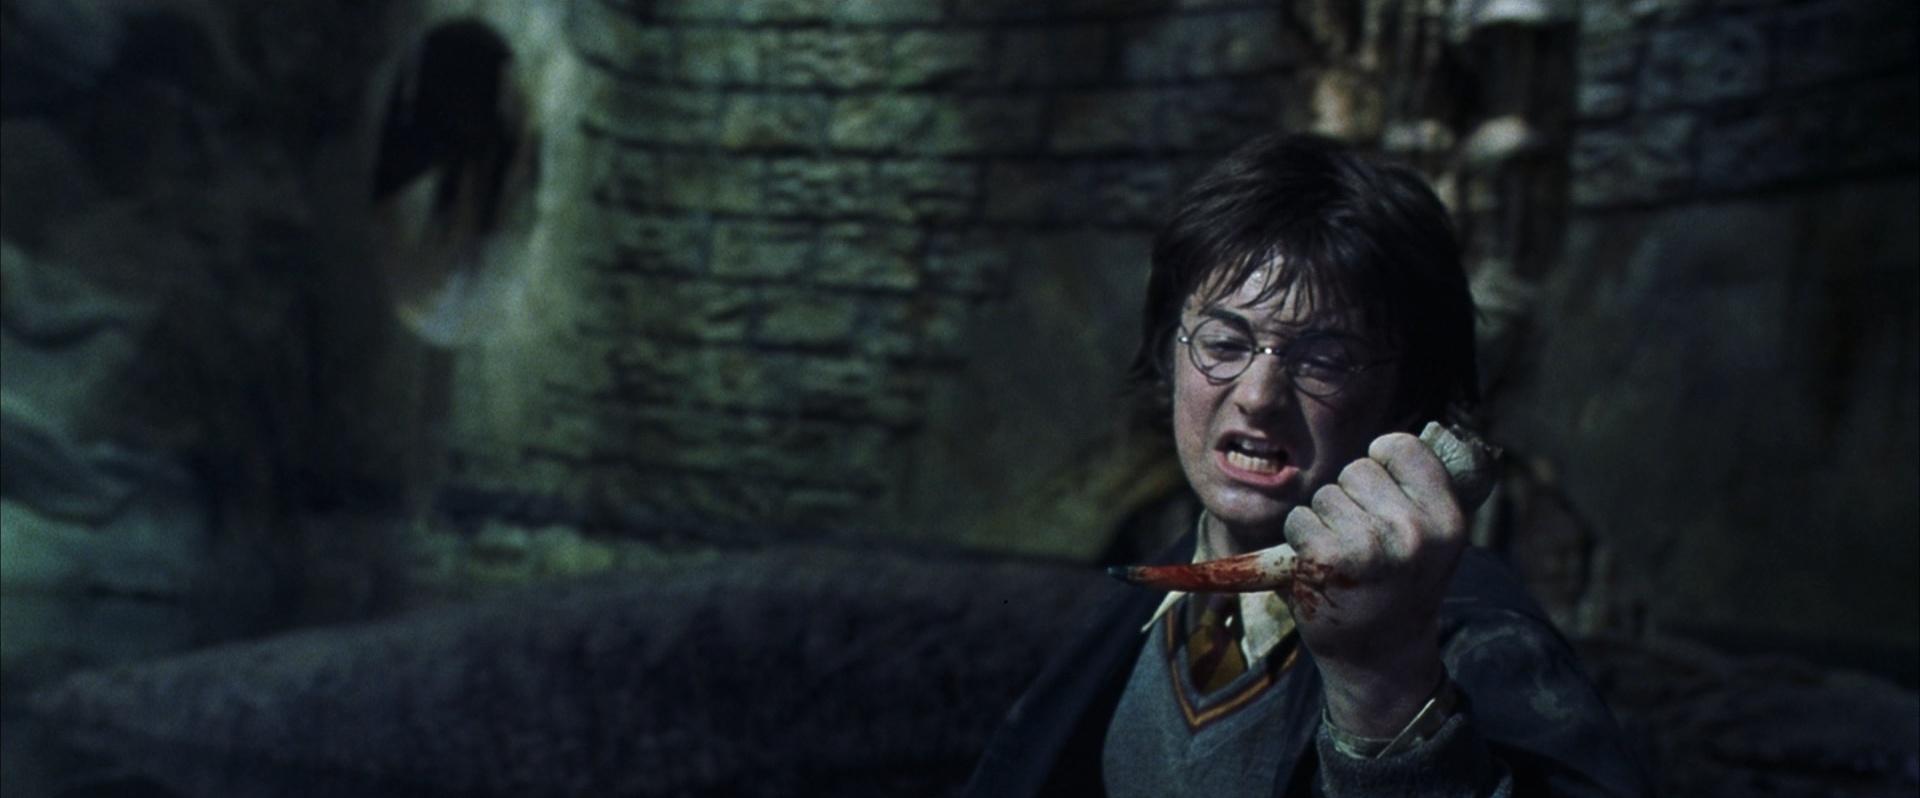 Harry potter et la chambre des secrets cin lounge - Harry potter et la chambre des secrets streaming vk ...